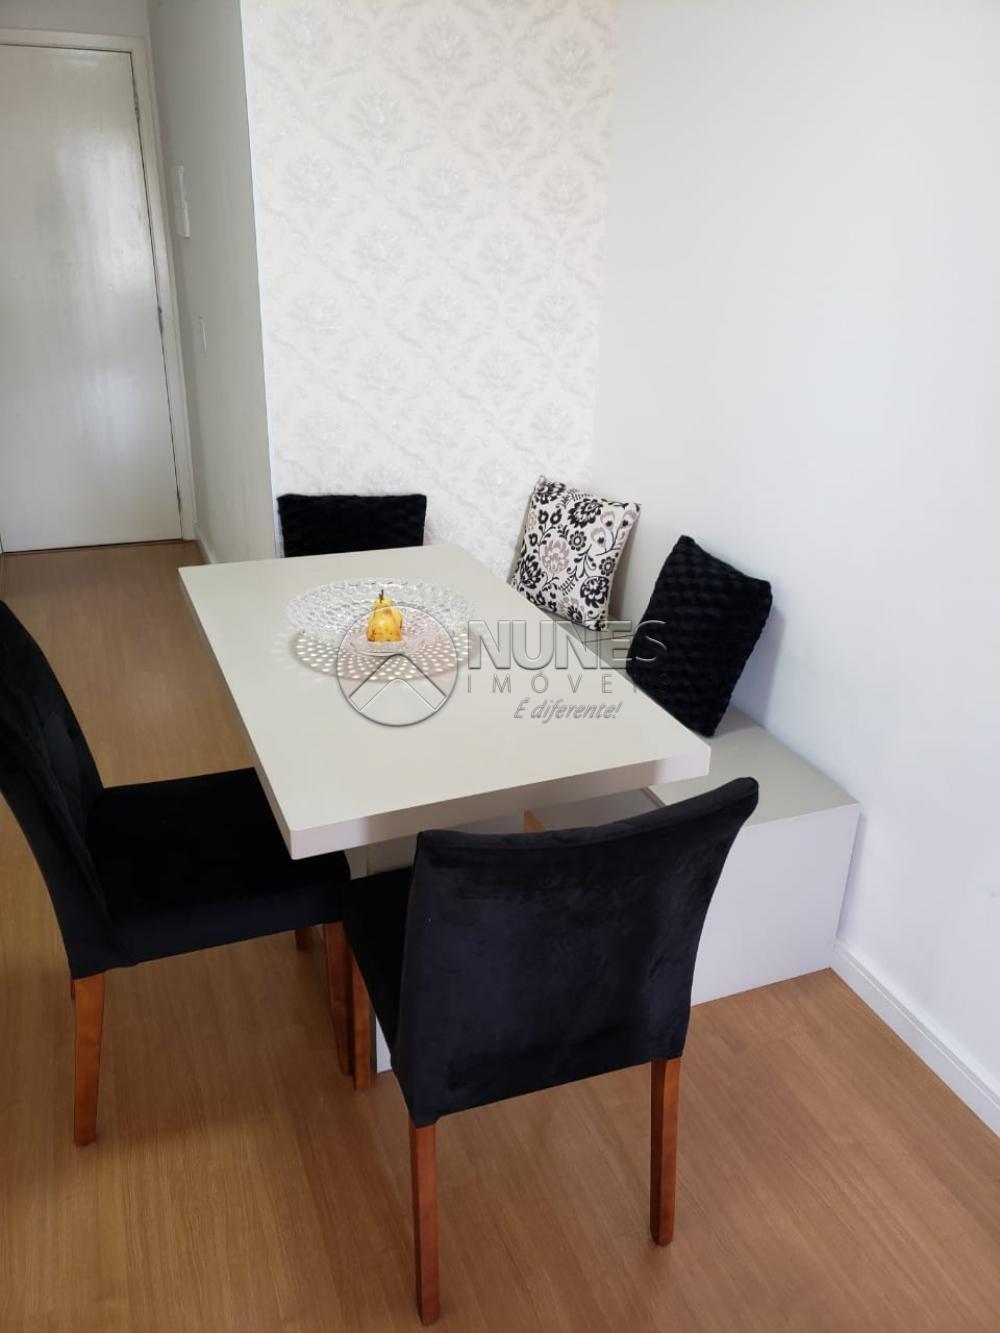 Comprar Apartamento / Padrão em Osasco apenas R$ 275.000,00 - Foto 2